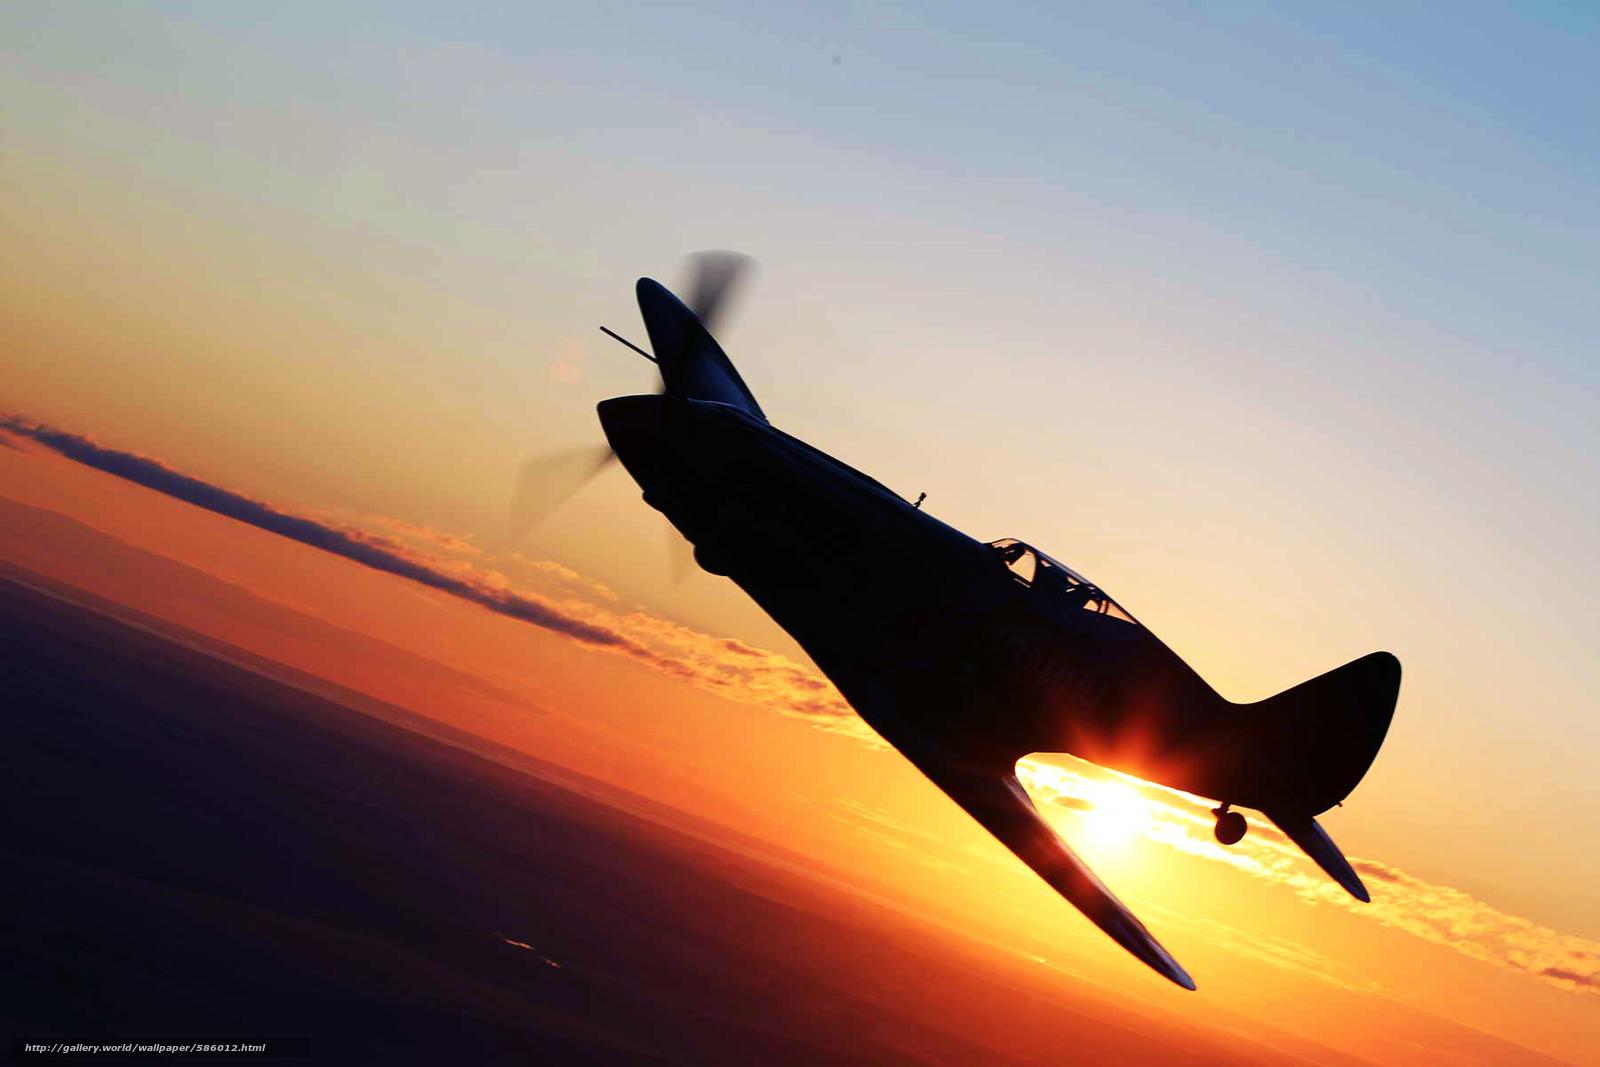 Скачать обои Самолёт,  Закат,  Крылья,  истребитель бесплатно для рабочего стола в разрешении 1920x1280 — картинка №586012